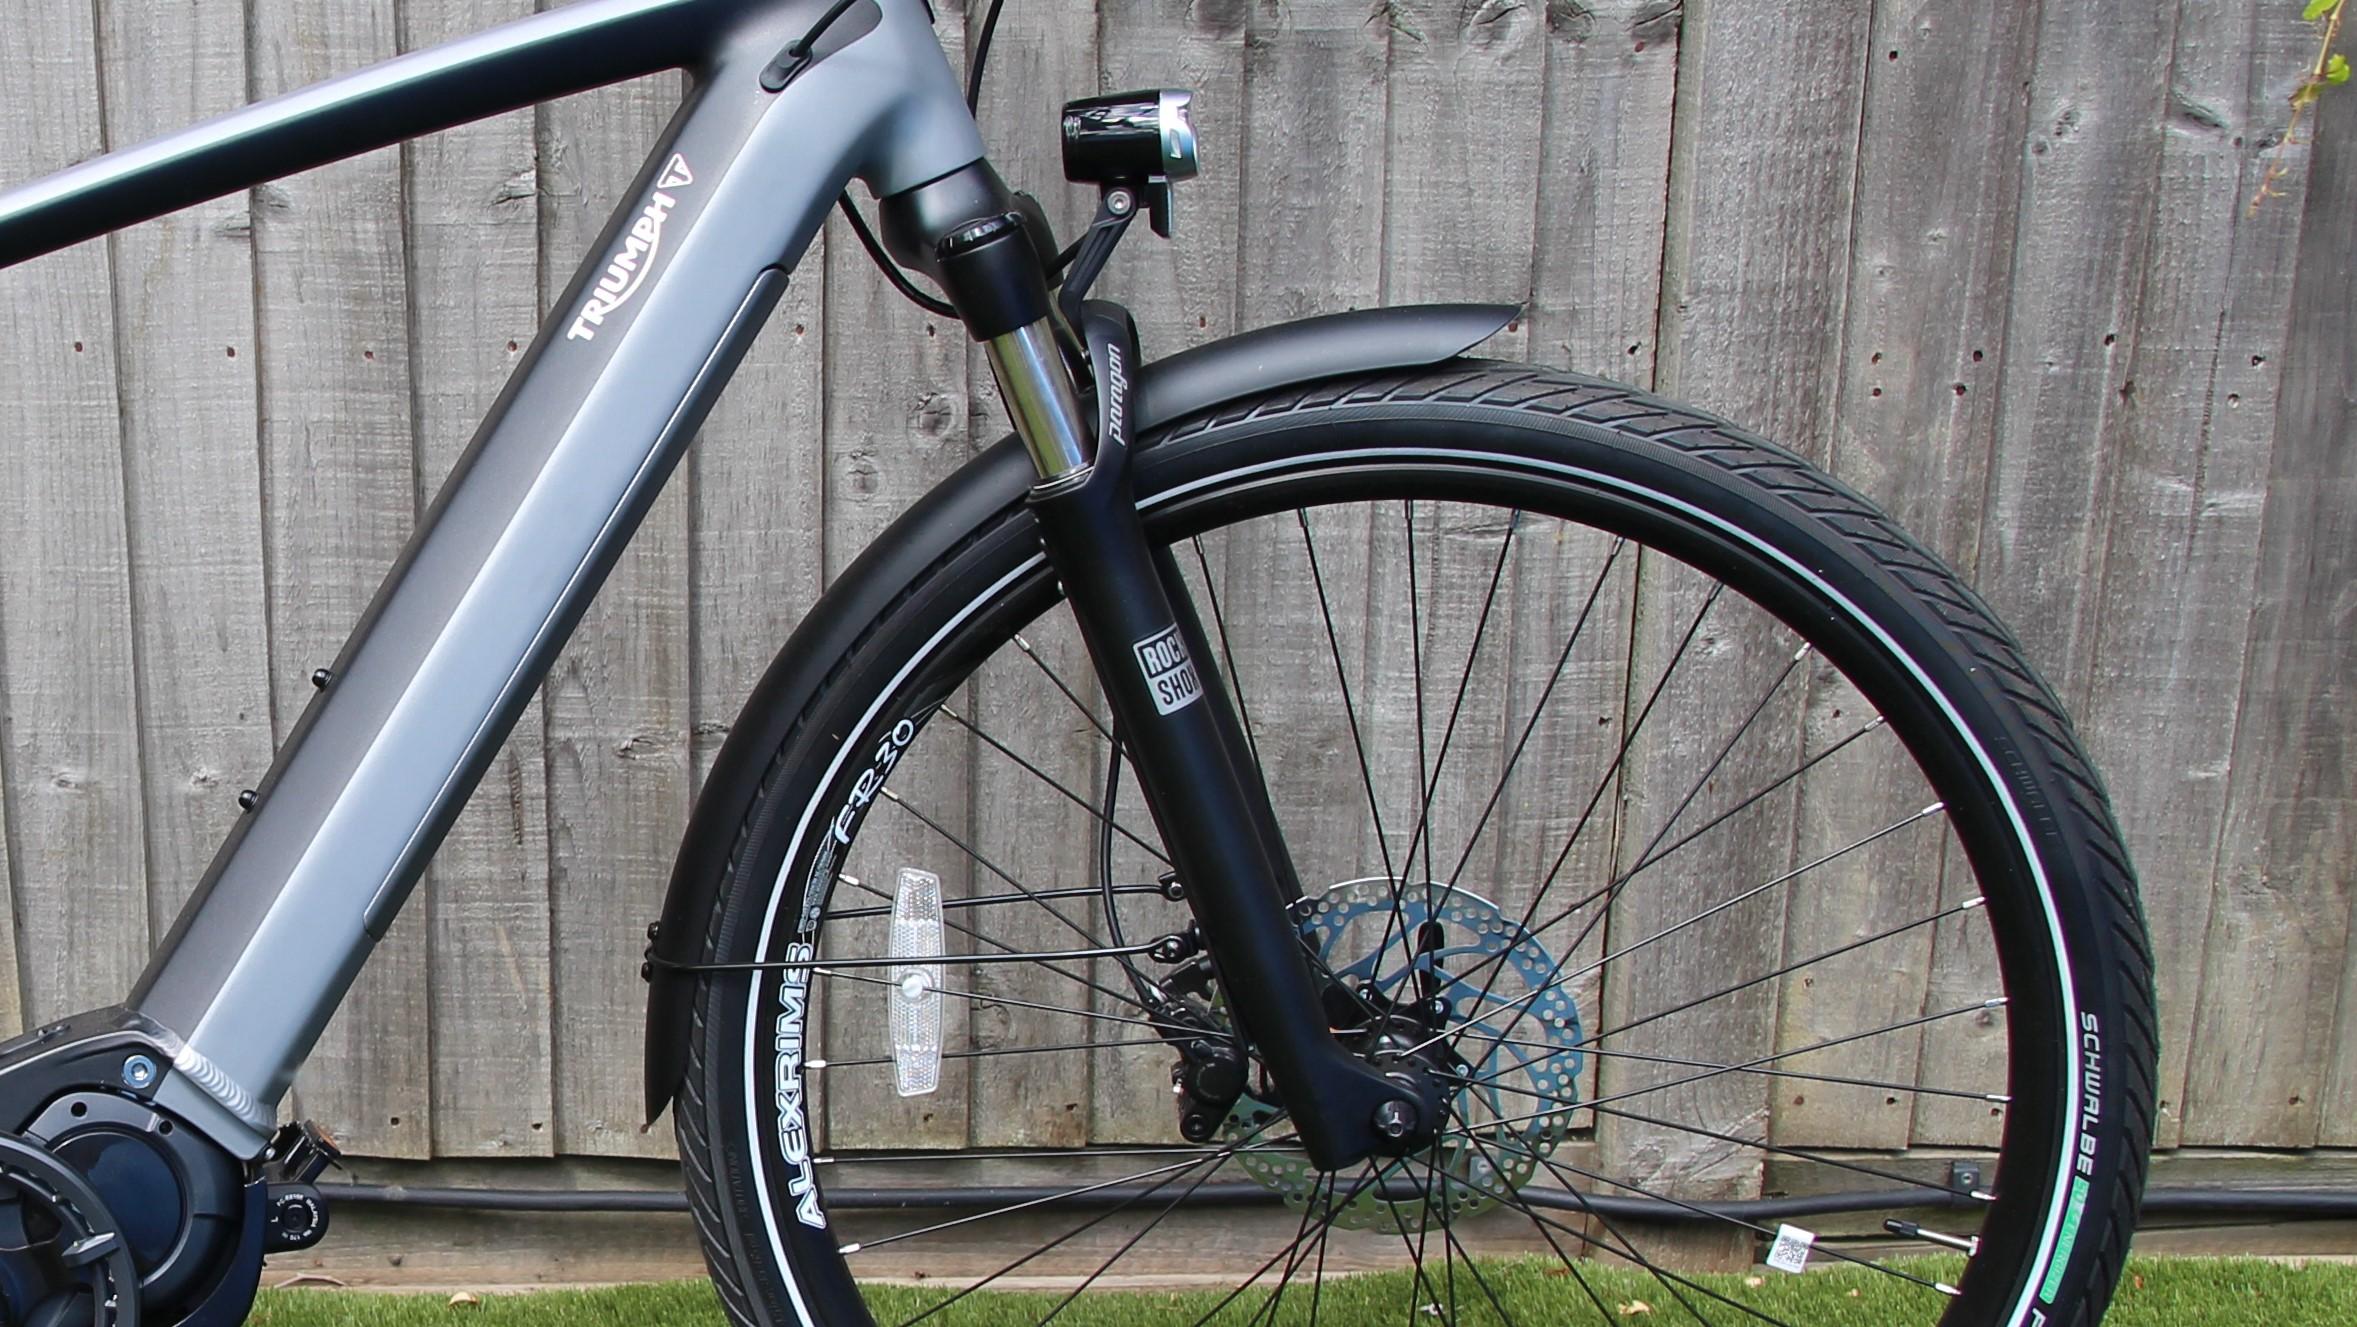 Triumph electric bike